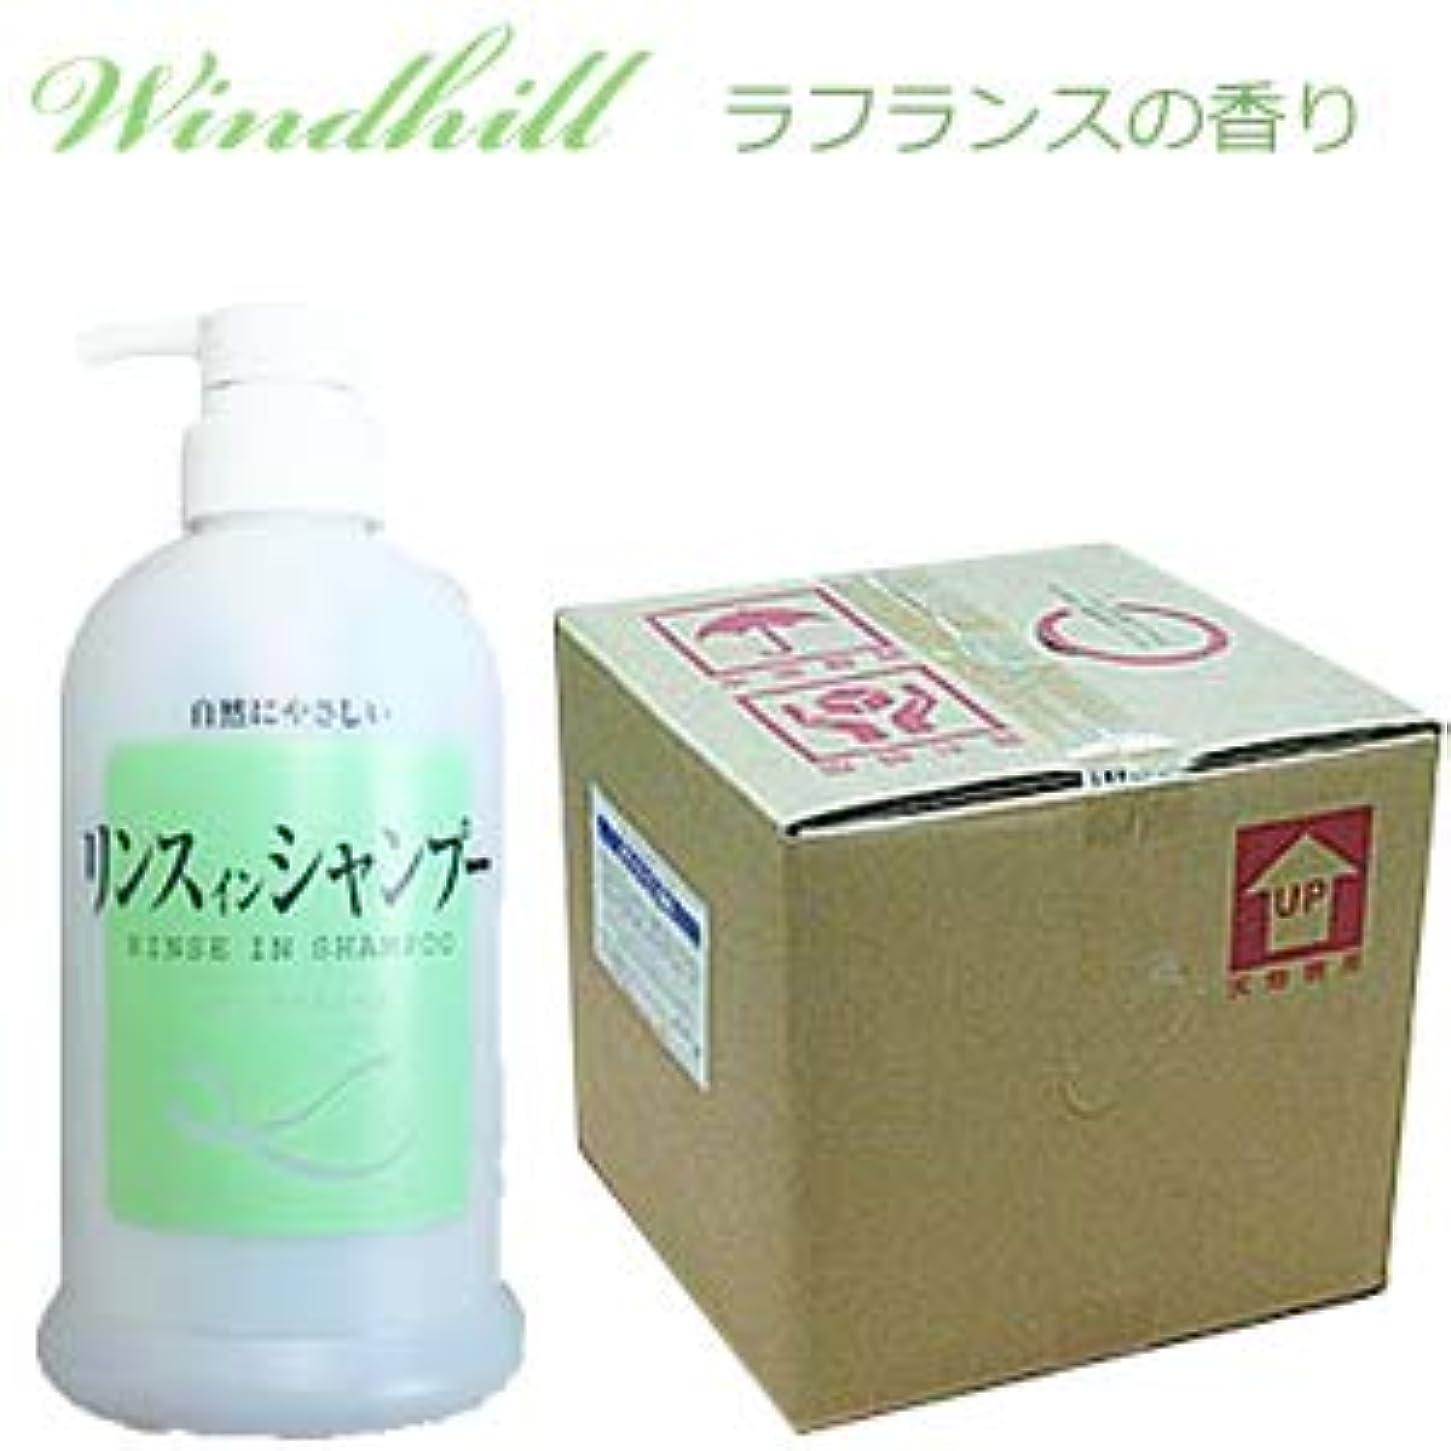 不規則性地味なコールド500ml当り173円 Windhill 植物性 業務用 リンスイン シャンプー 爽やかなラフランスの香り 20L